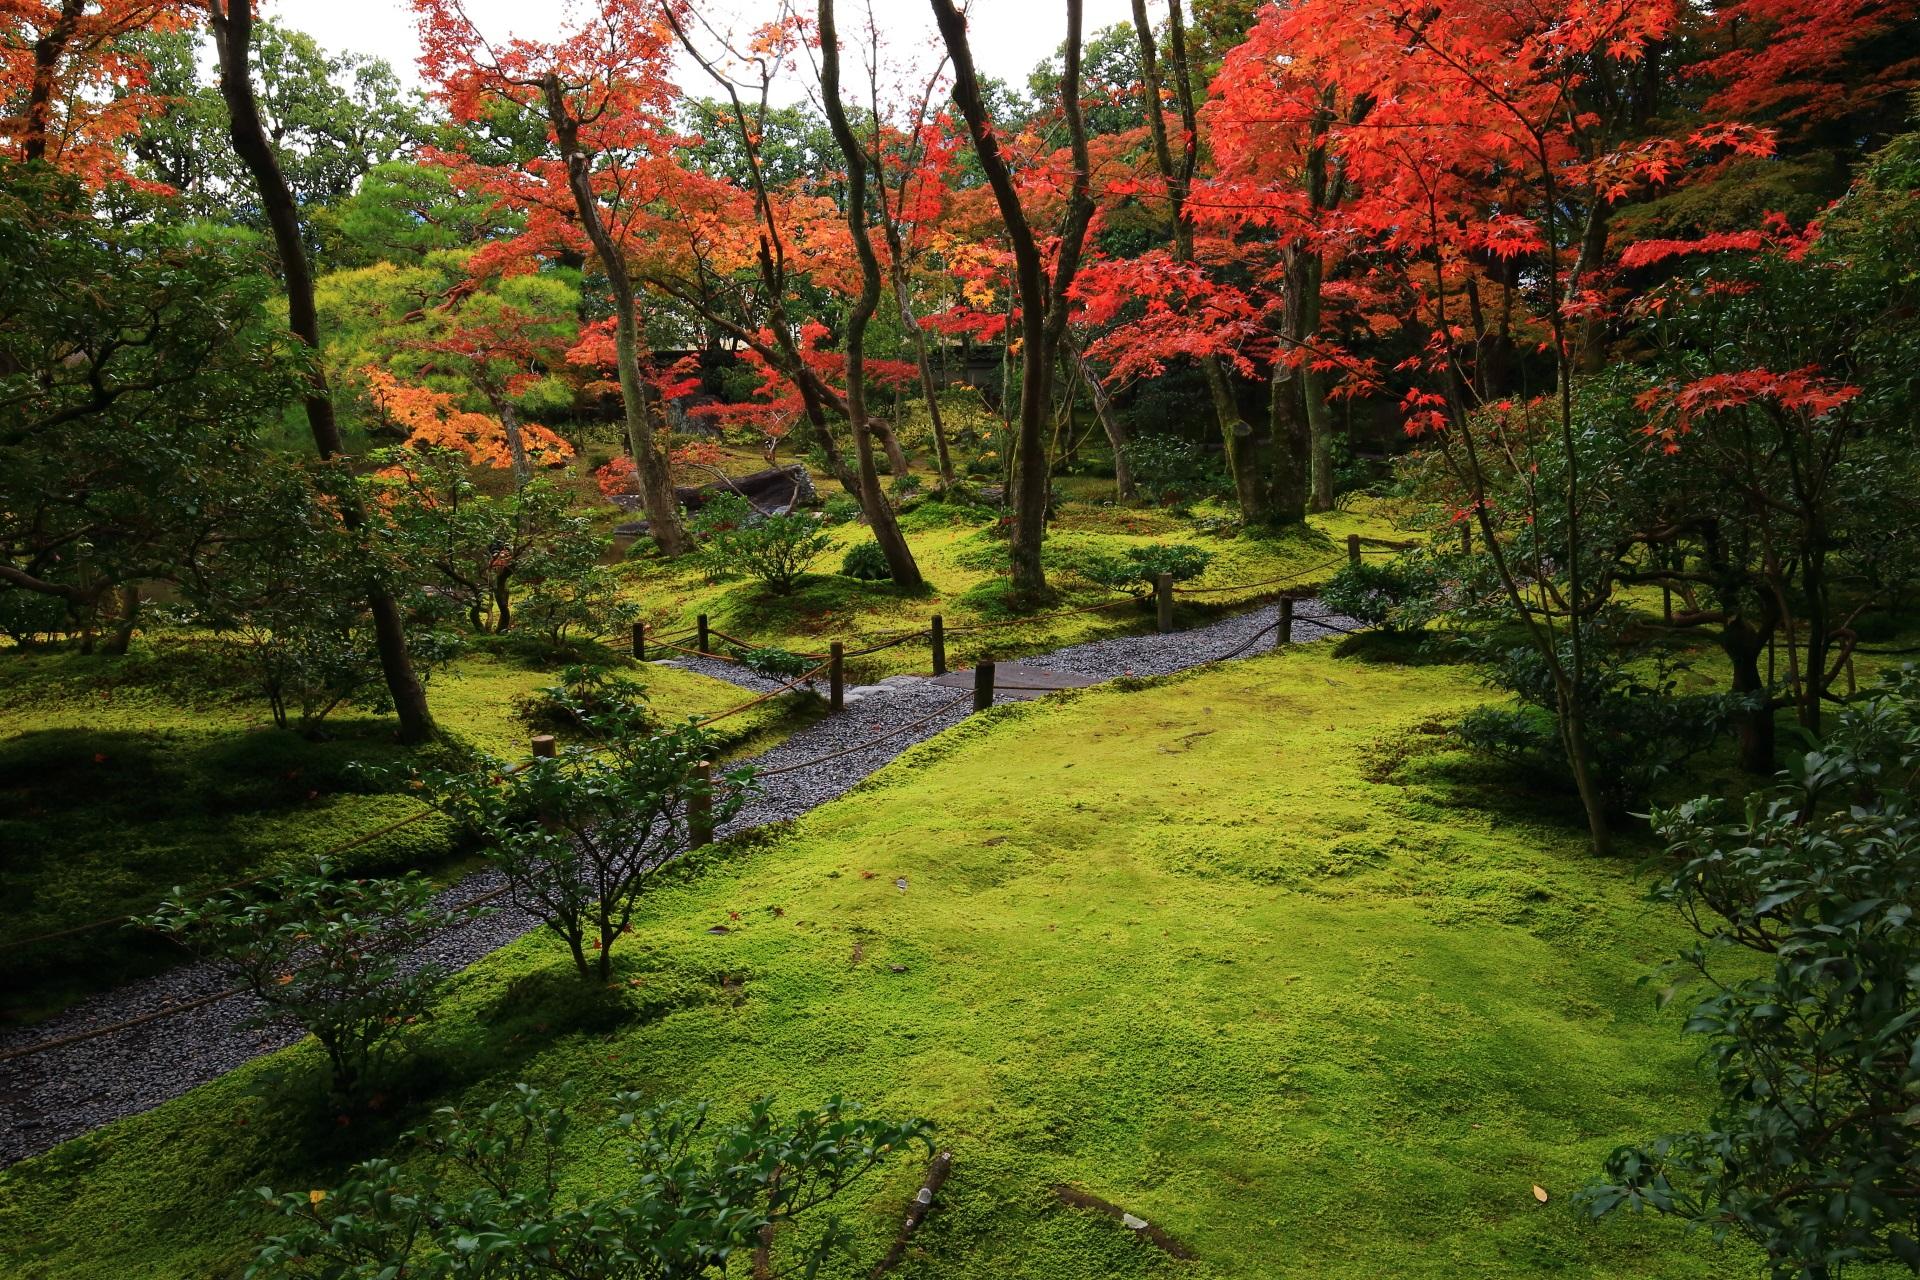 紅葉が彩る無鄰菴の淡い緑の苔の庭園に続く道